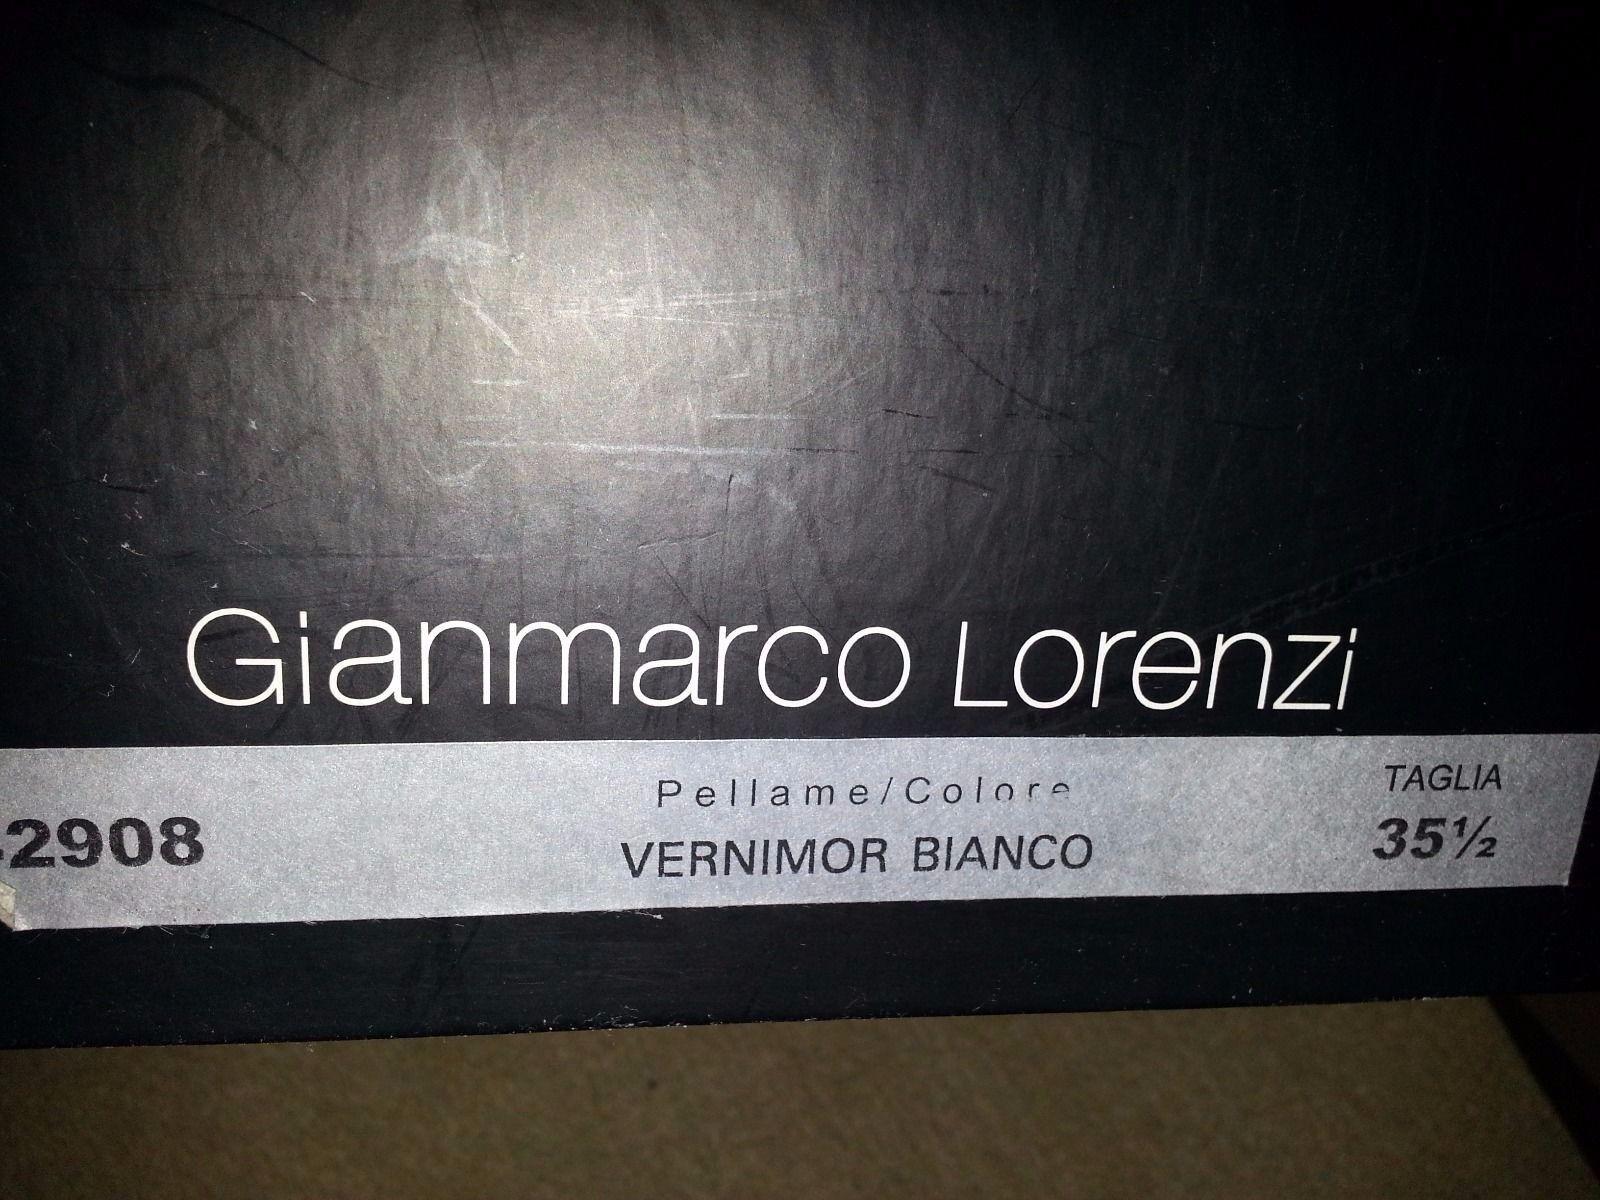 Gianmarco Lorenzi 35,5  Damen Stiefel Gr 35,5 Lorenzi echt Leder Lack m.Karton LP db6eac